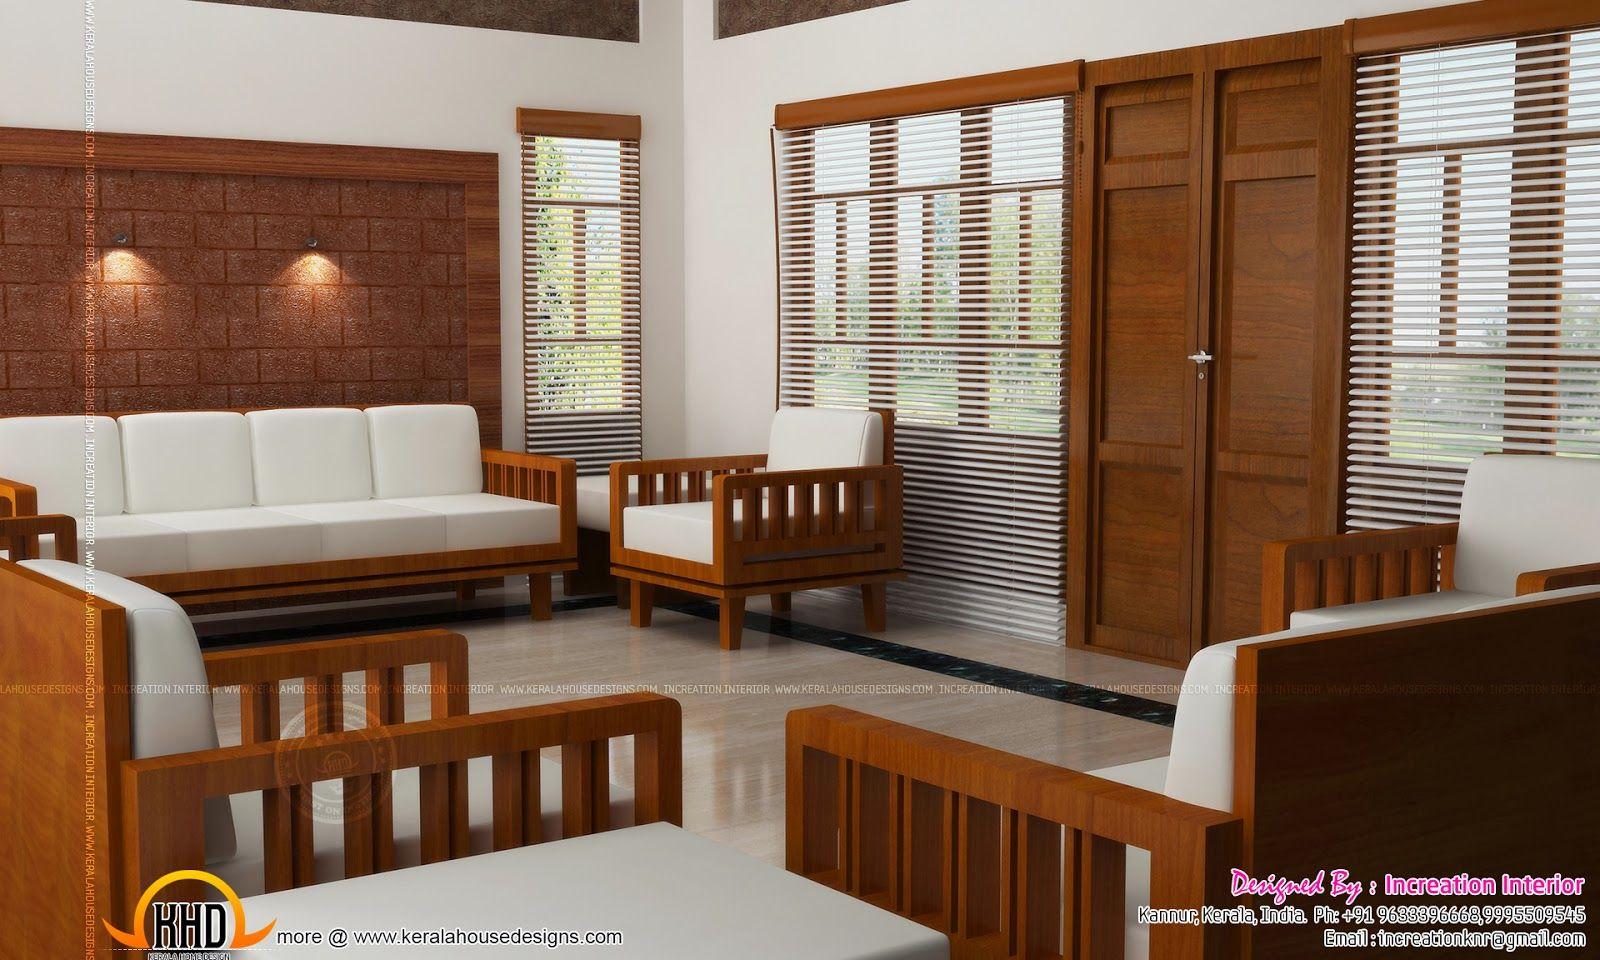 Pin by Pradeep on farm house | Home door design, House ...